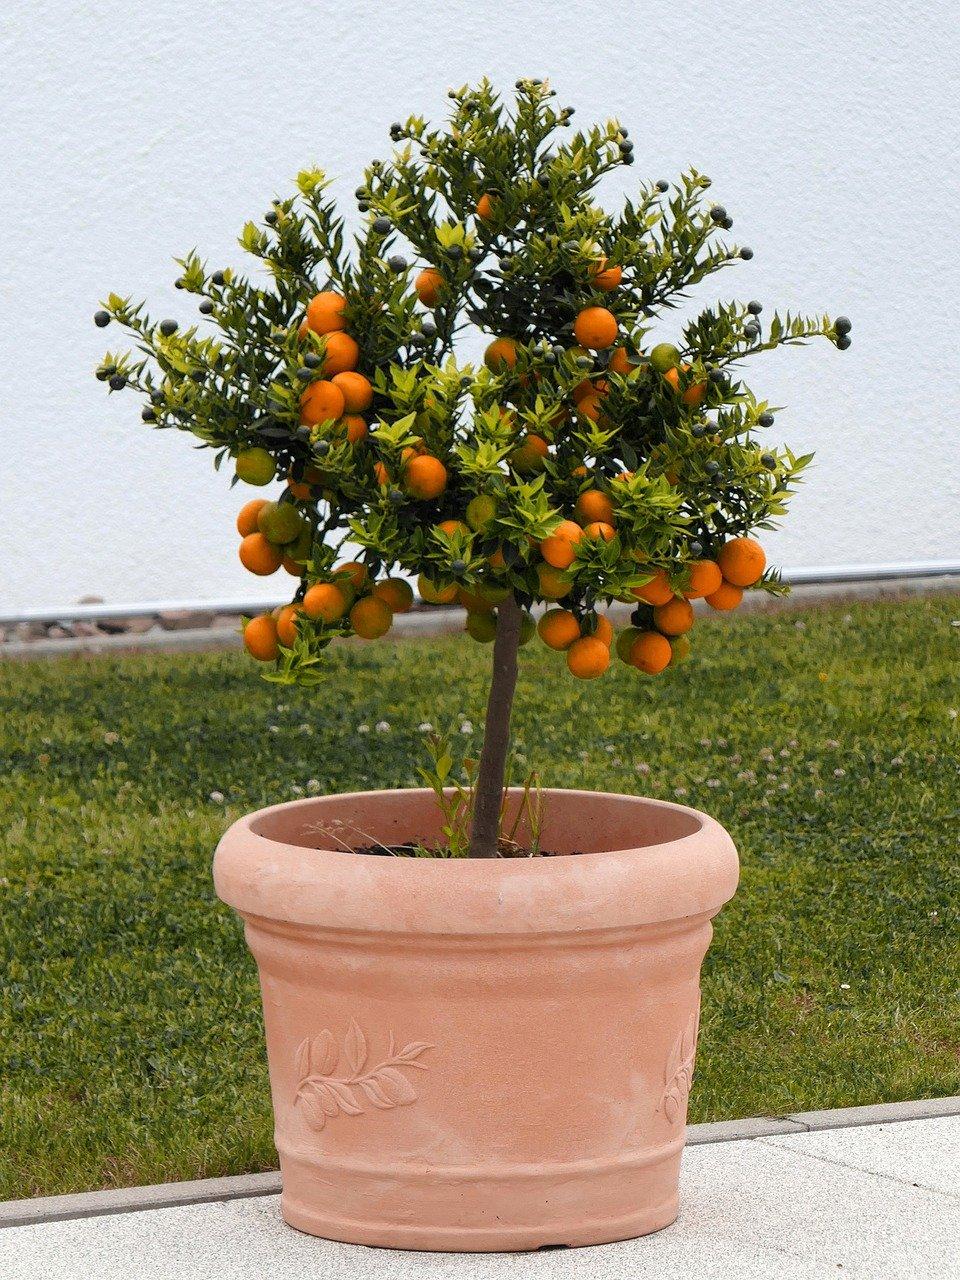 plantio-de-arvores-frutiferas